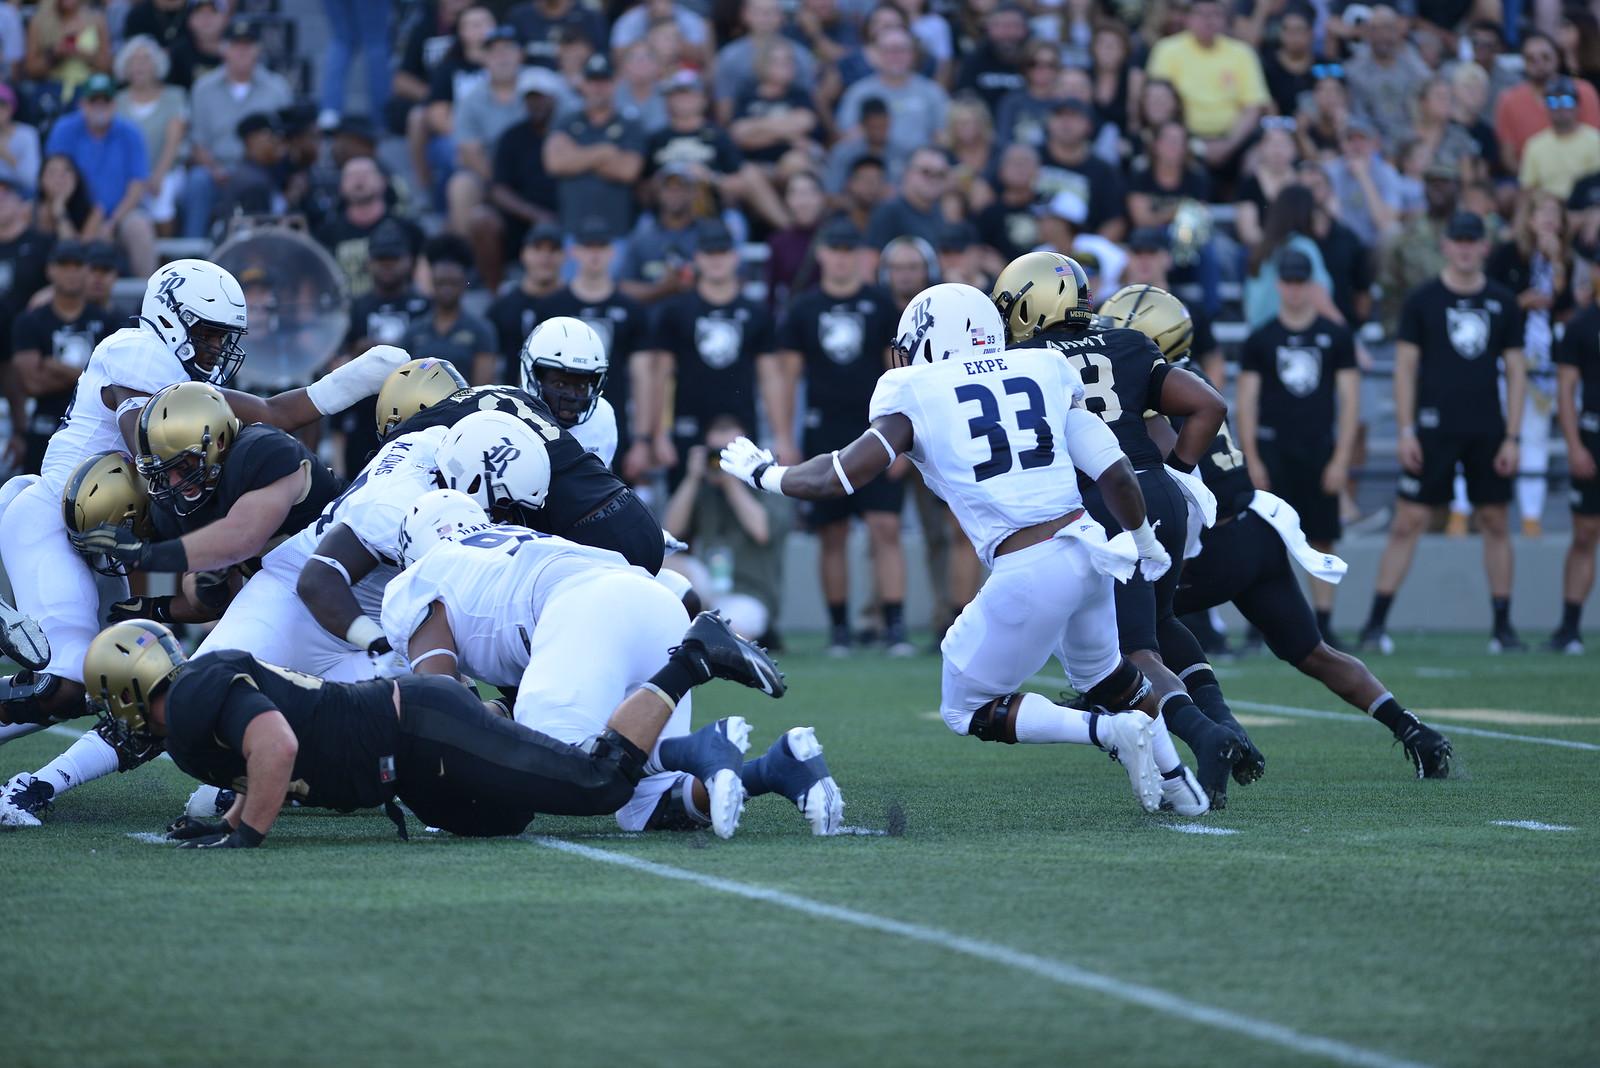 Rice Football, Anthony Ekpe